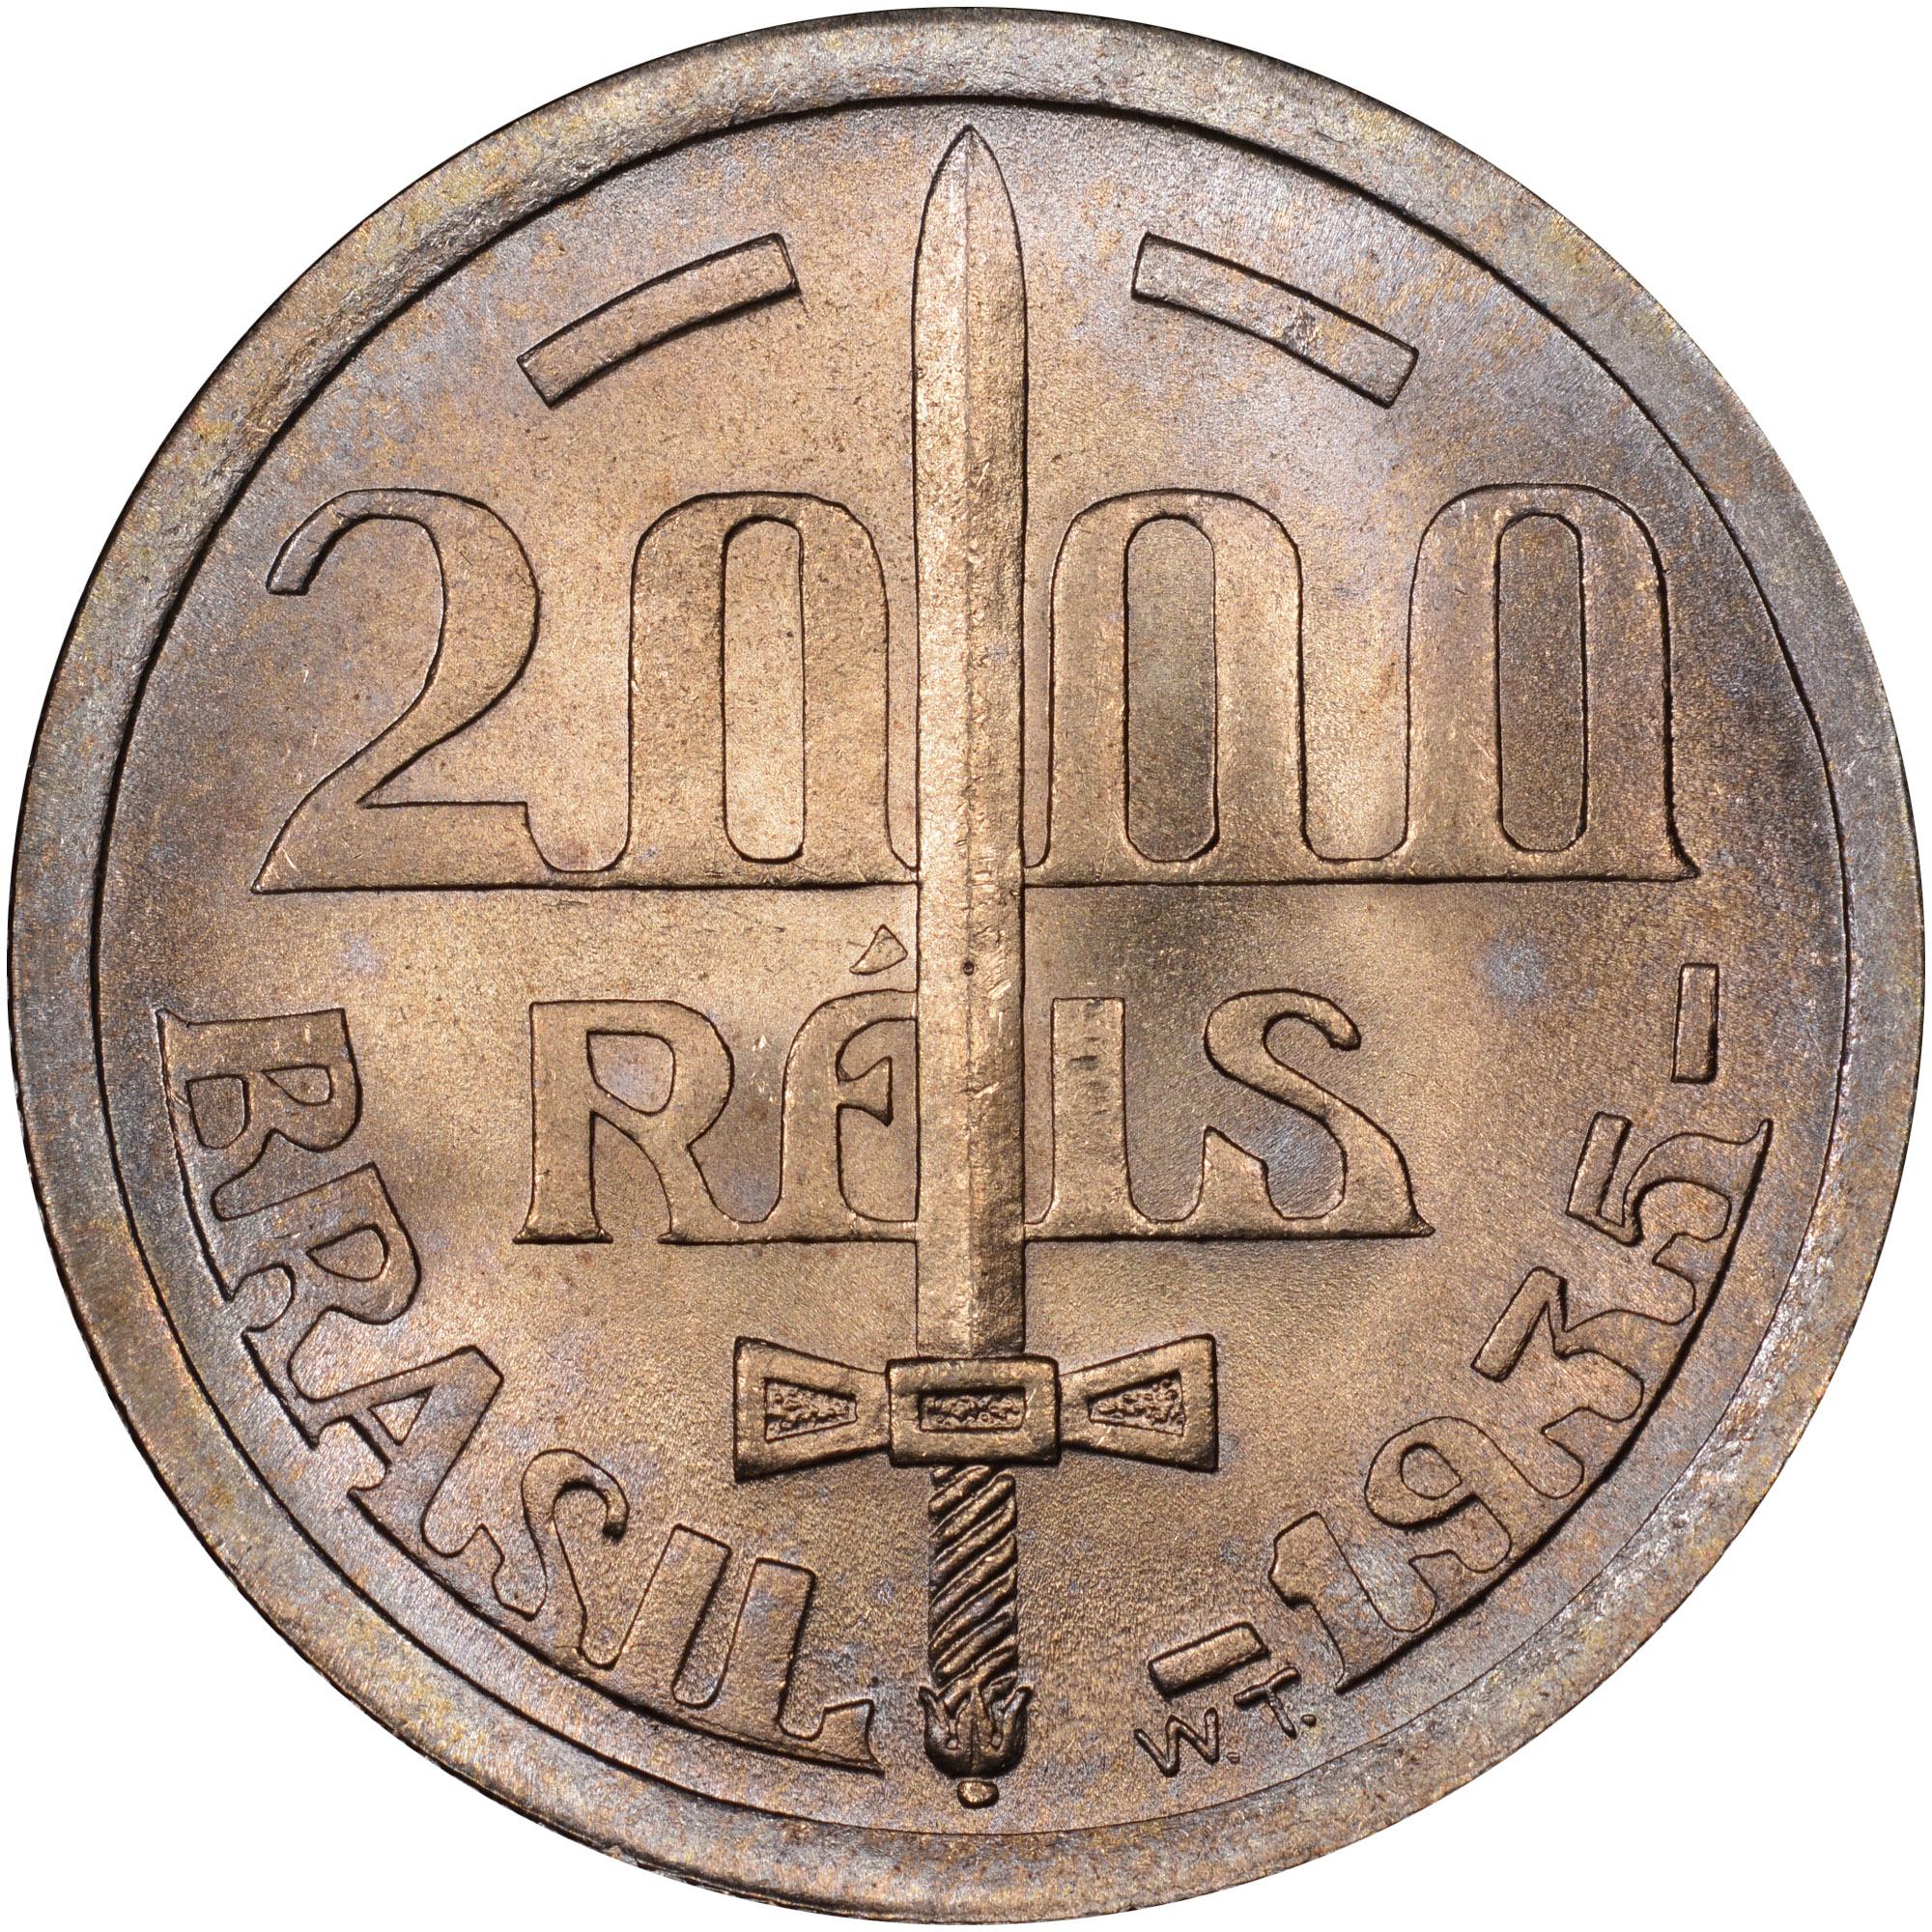 1935 Brazil 2000 Reis reverse